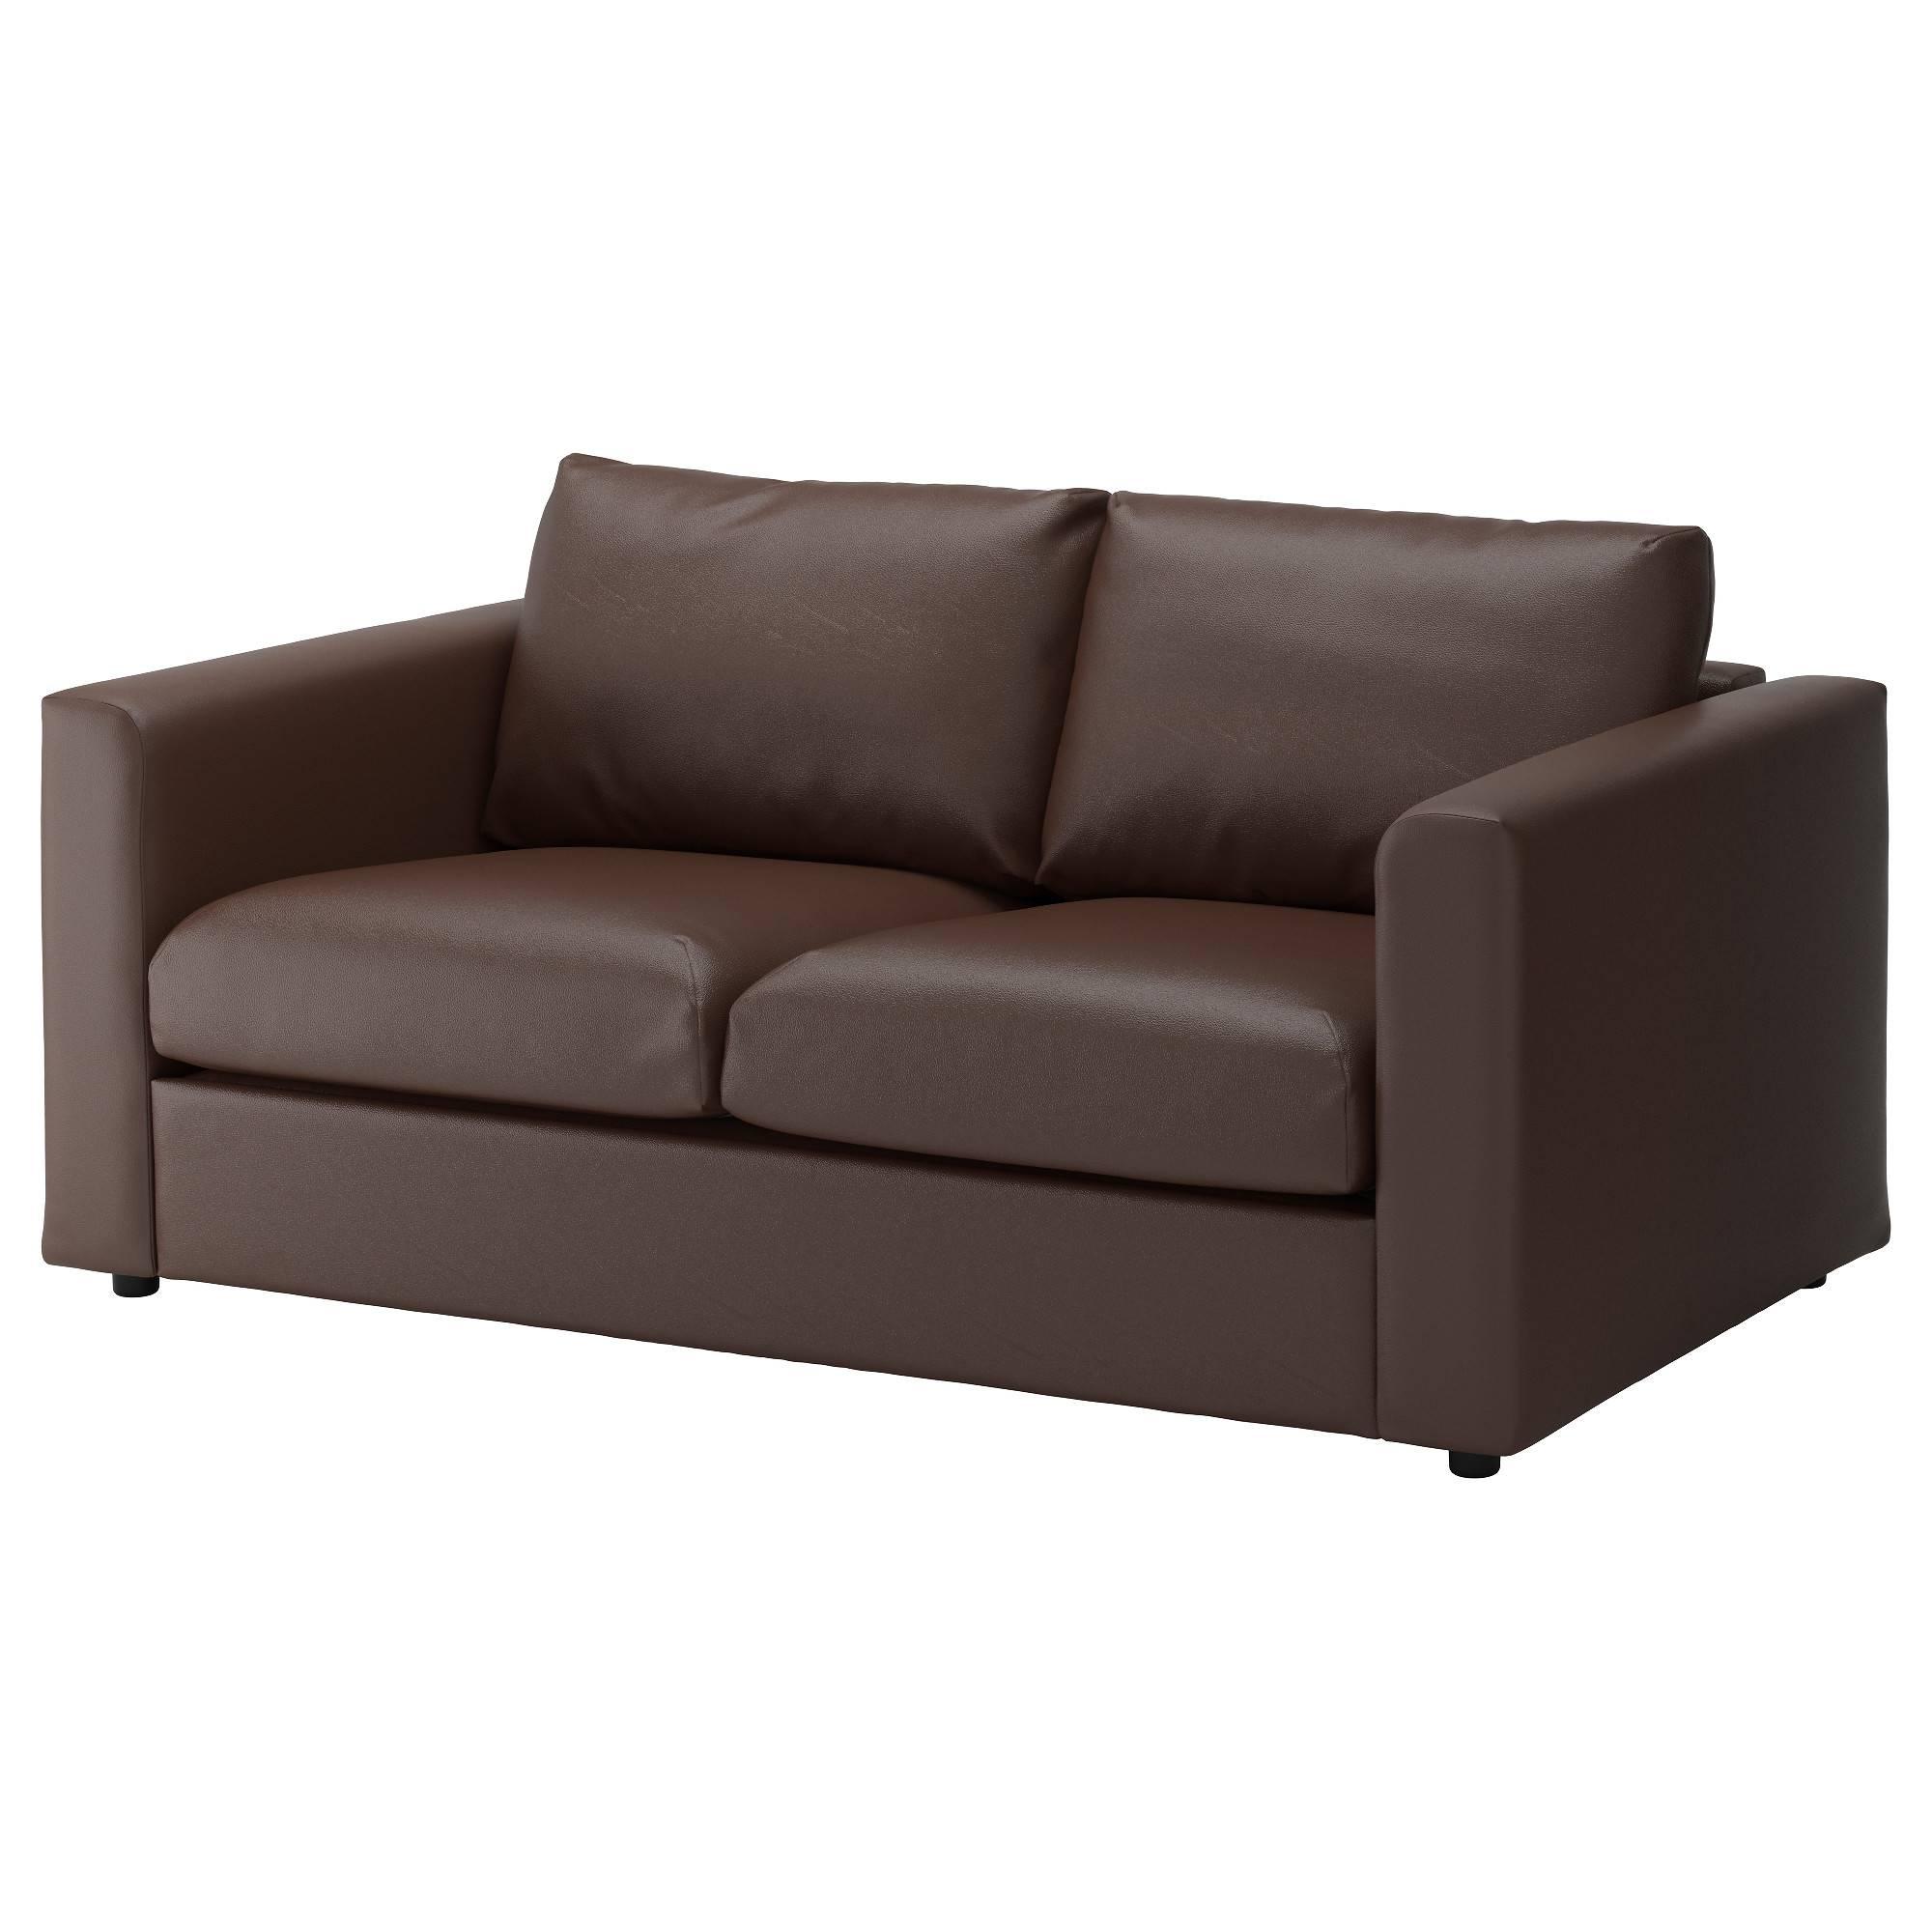 Small Sofa & 2 Seater Sofa | Ikea Regarding Small 2 Seater Sofas (View 18 of 30)